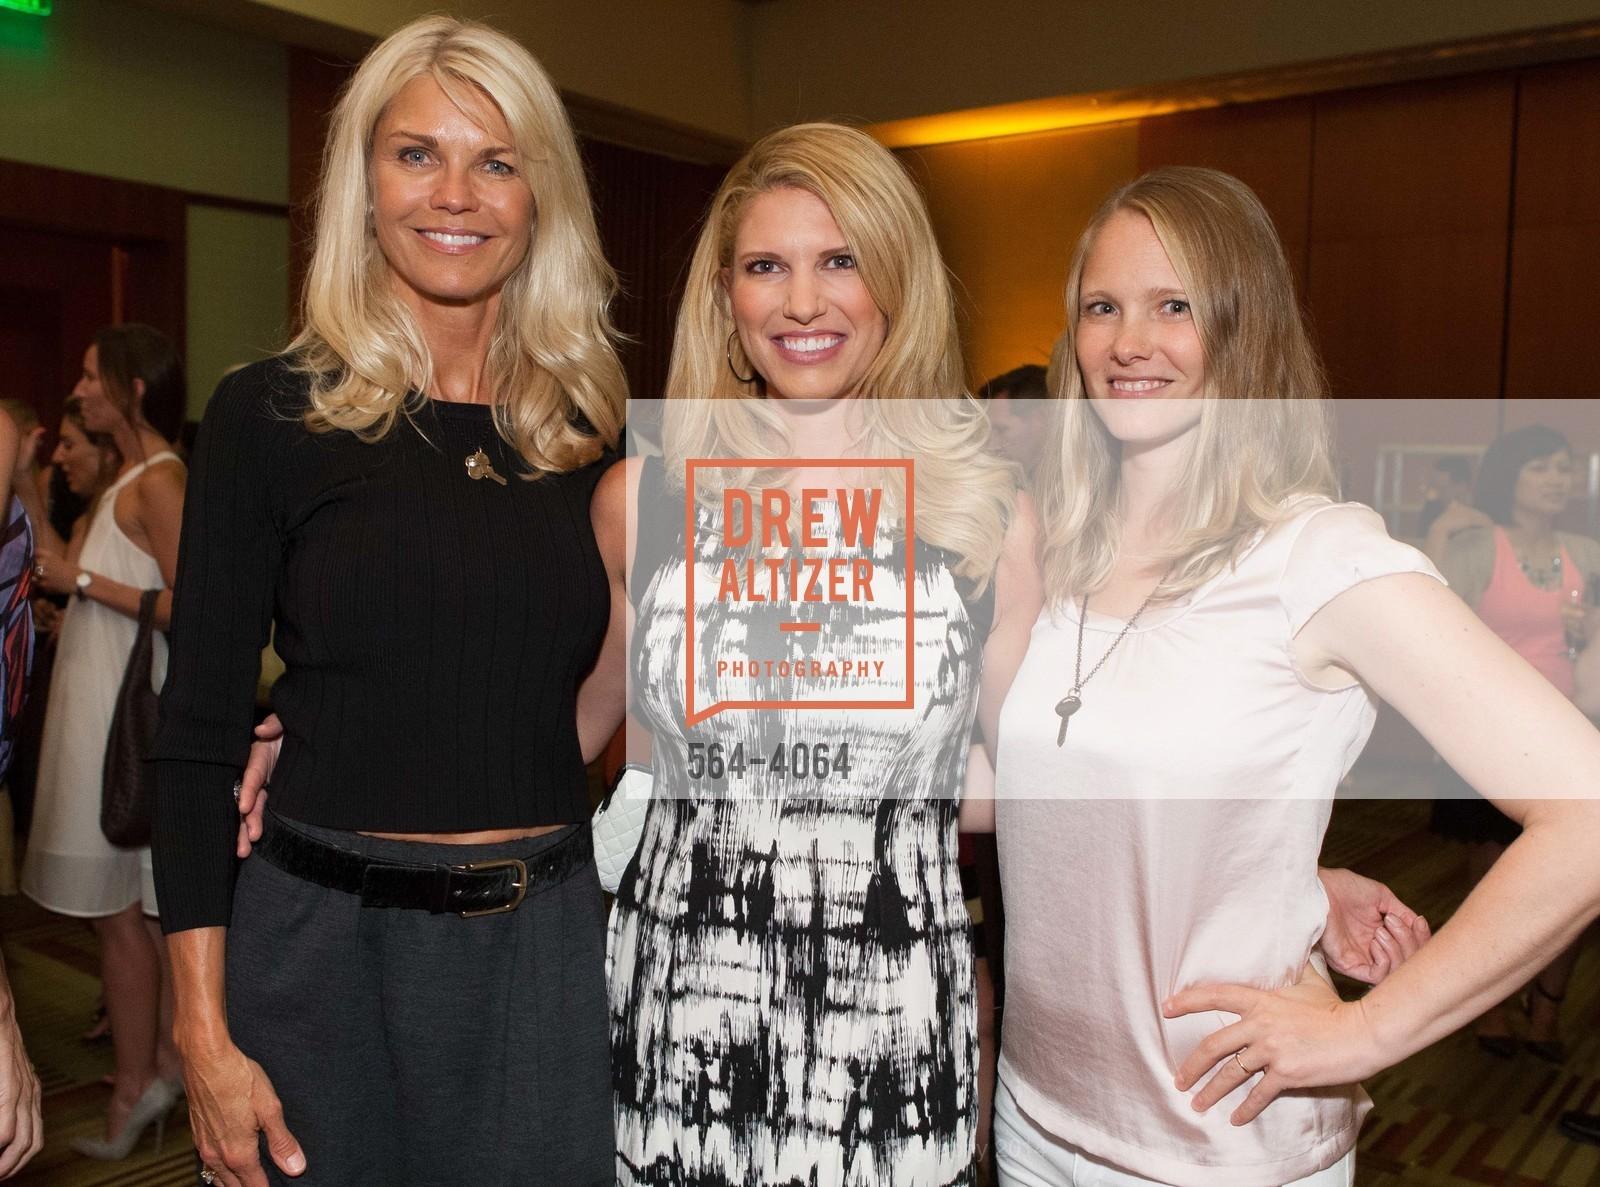 Jennifer Montana, Sarah Harbaugh, Danielle York, Photo #564-4064